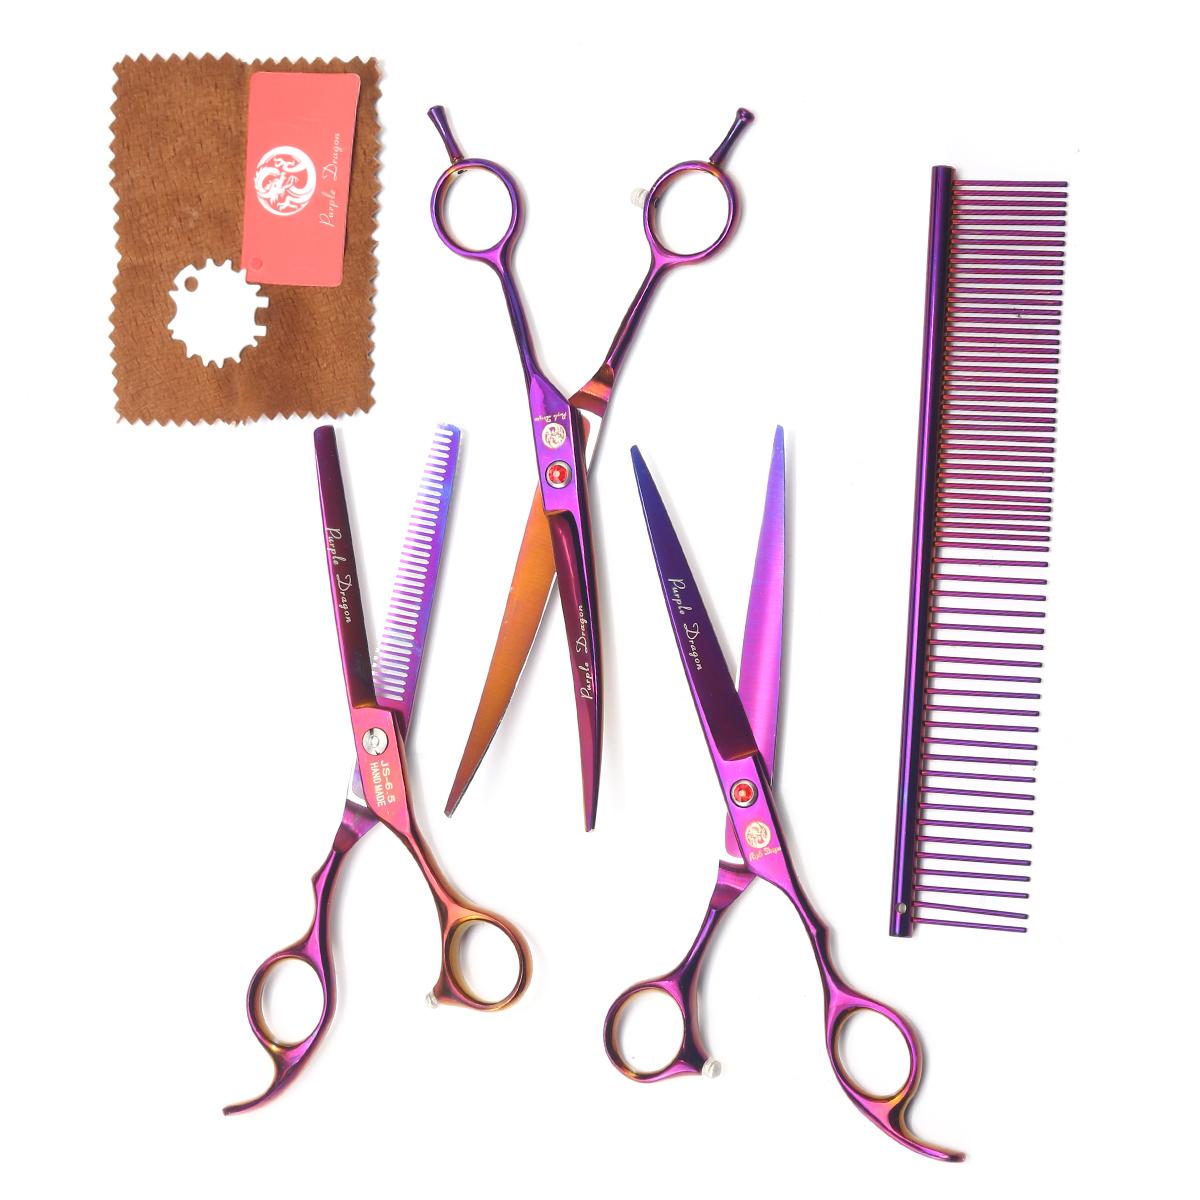 Набор ножниц для груминга домашних животных с двойной изогнутой прямой бритвой